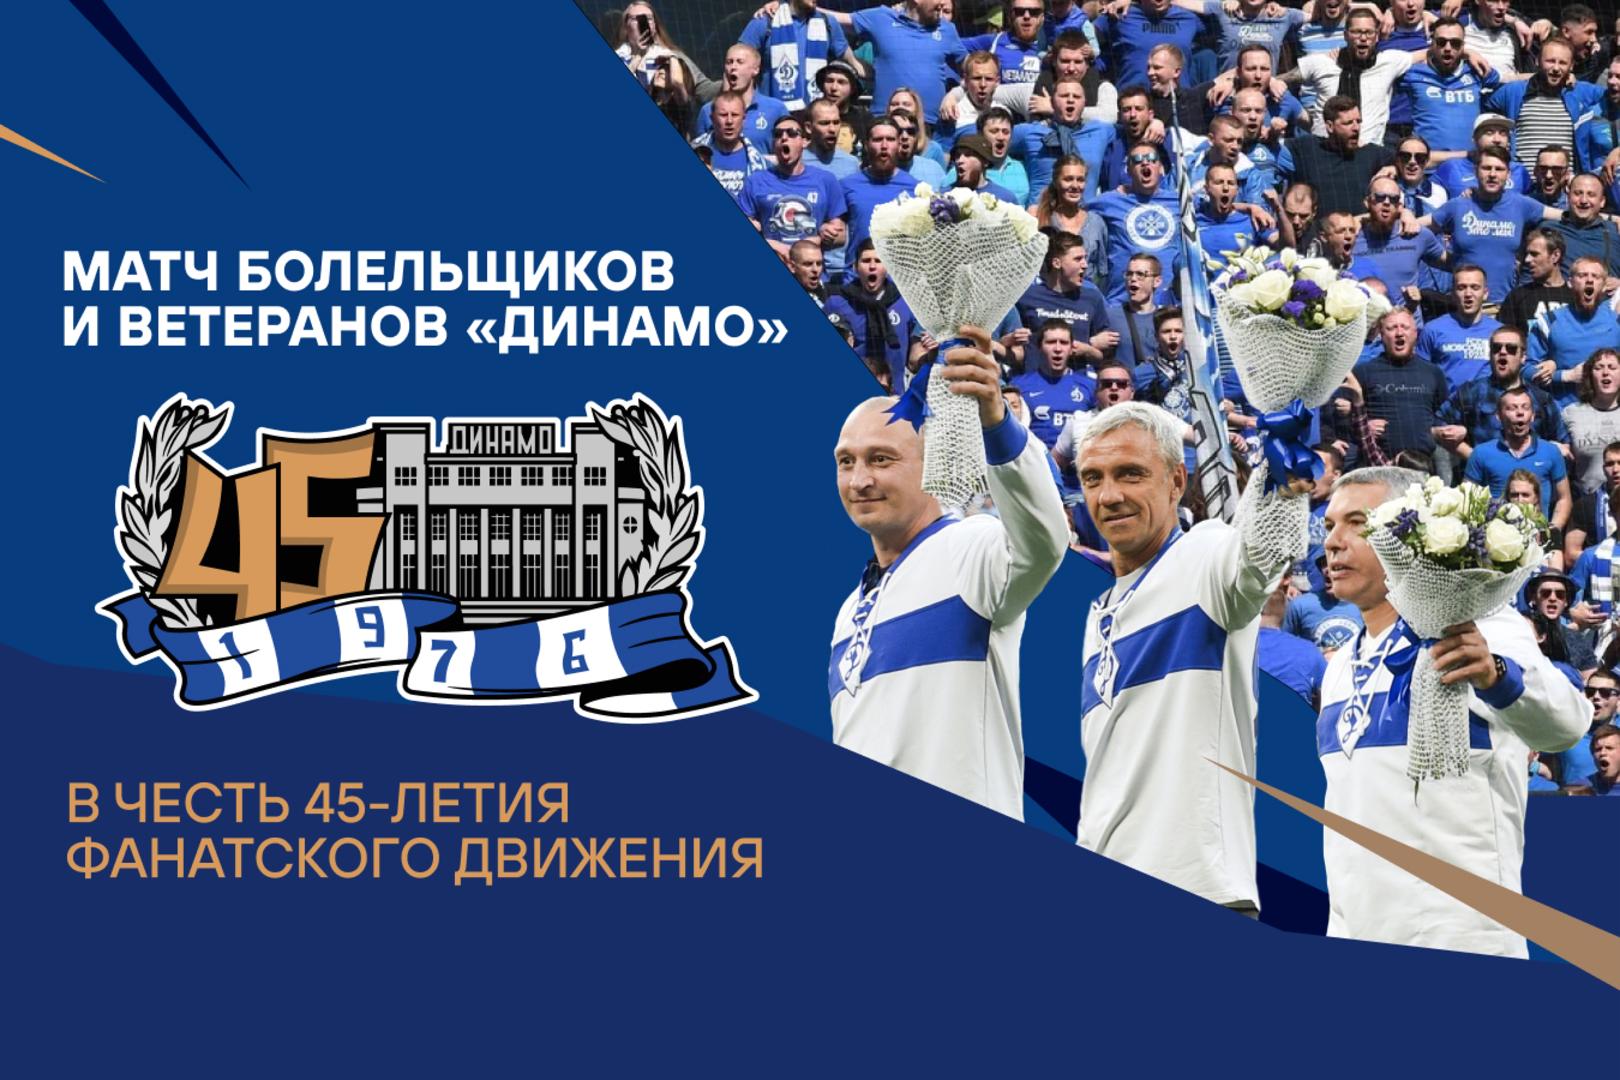 45 лет фанатского движения «Динамо»: матч болельщиков и ветеранов